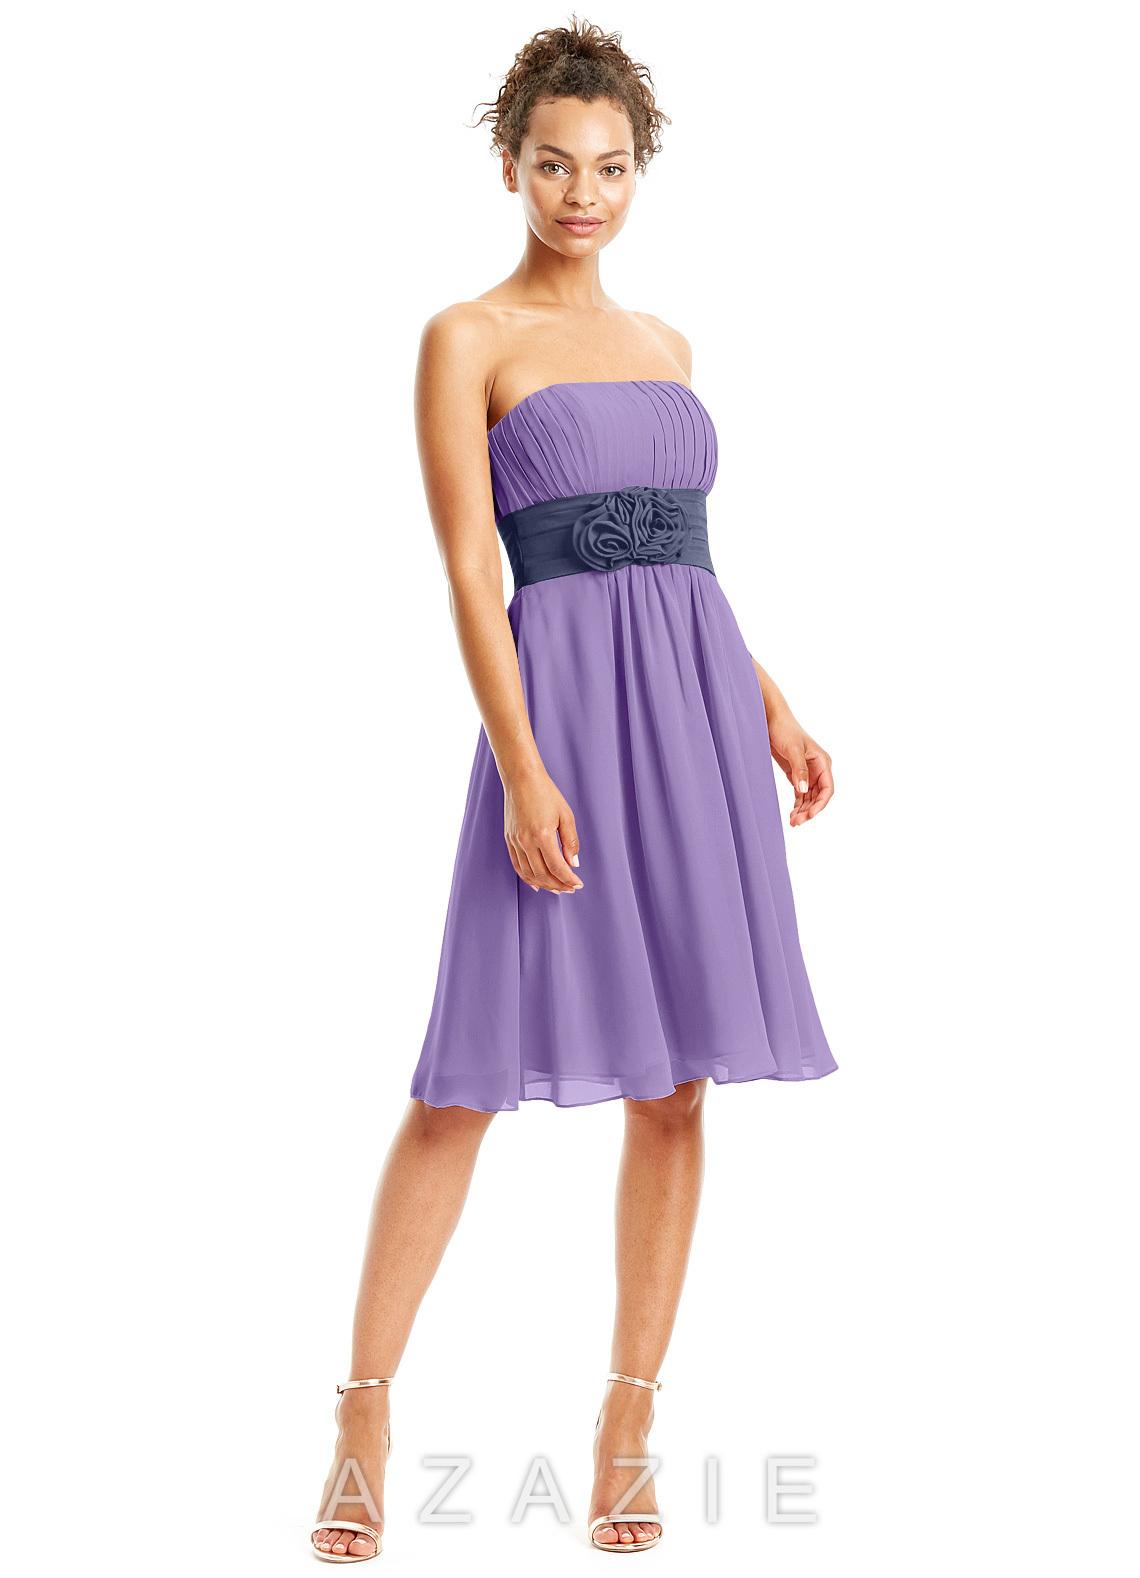 Azazie Kylie Bridesmaid Dress | Azazie